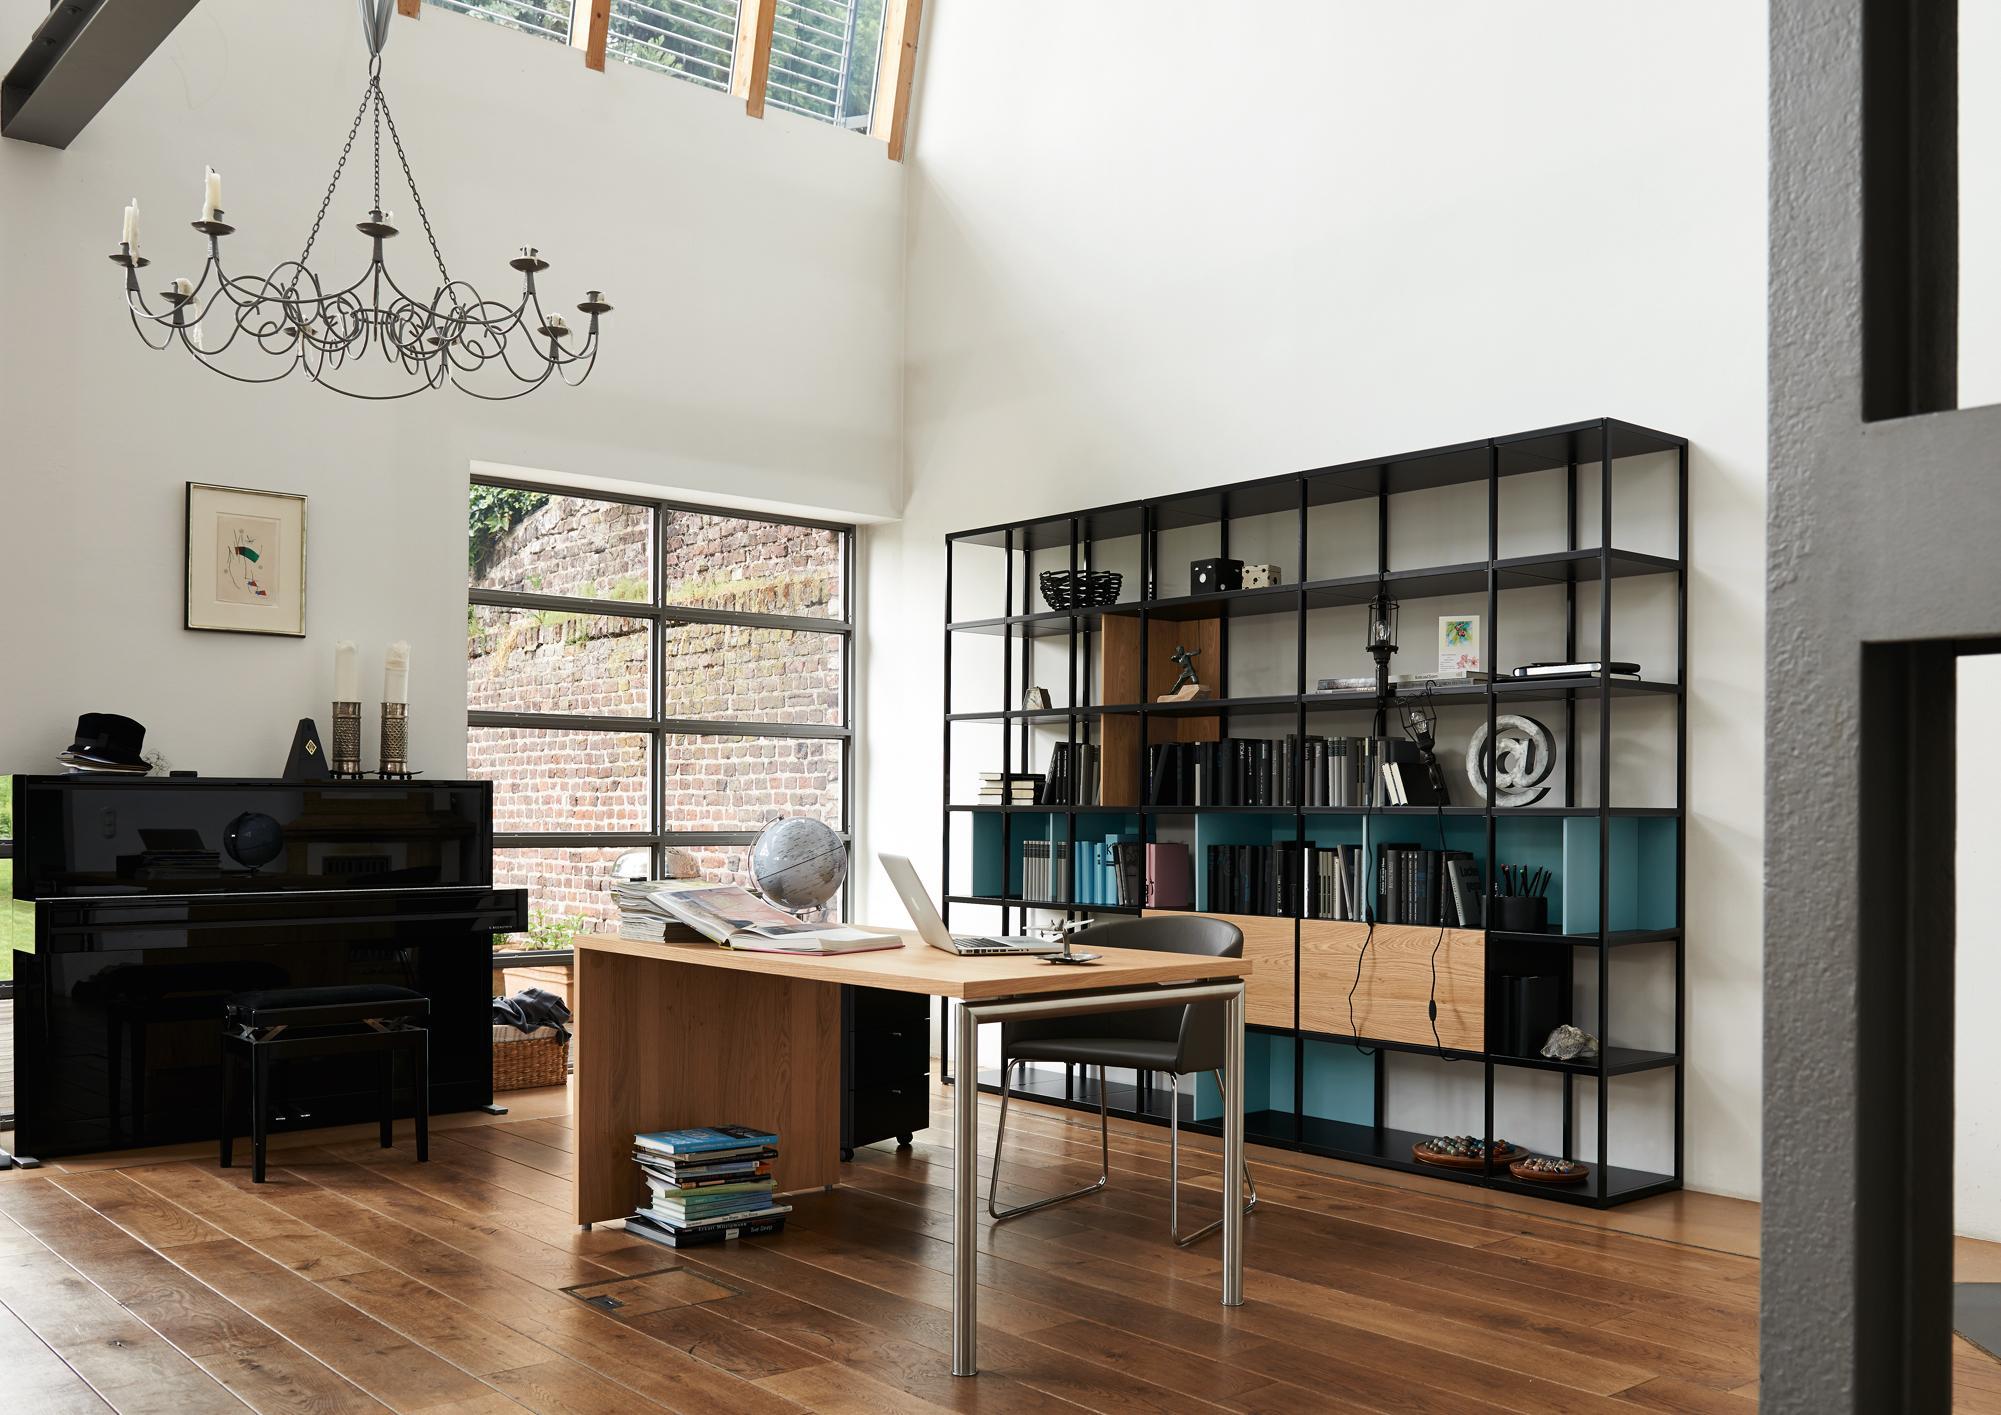 klassische und moderne einrichtung miteinander kombi. Black Bedroom Furniture Sets. Home Design Ideas